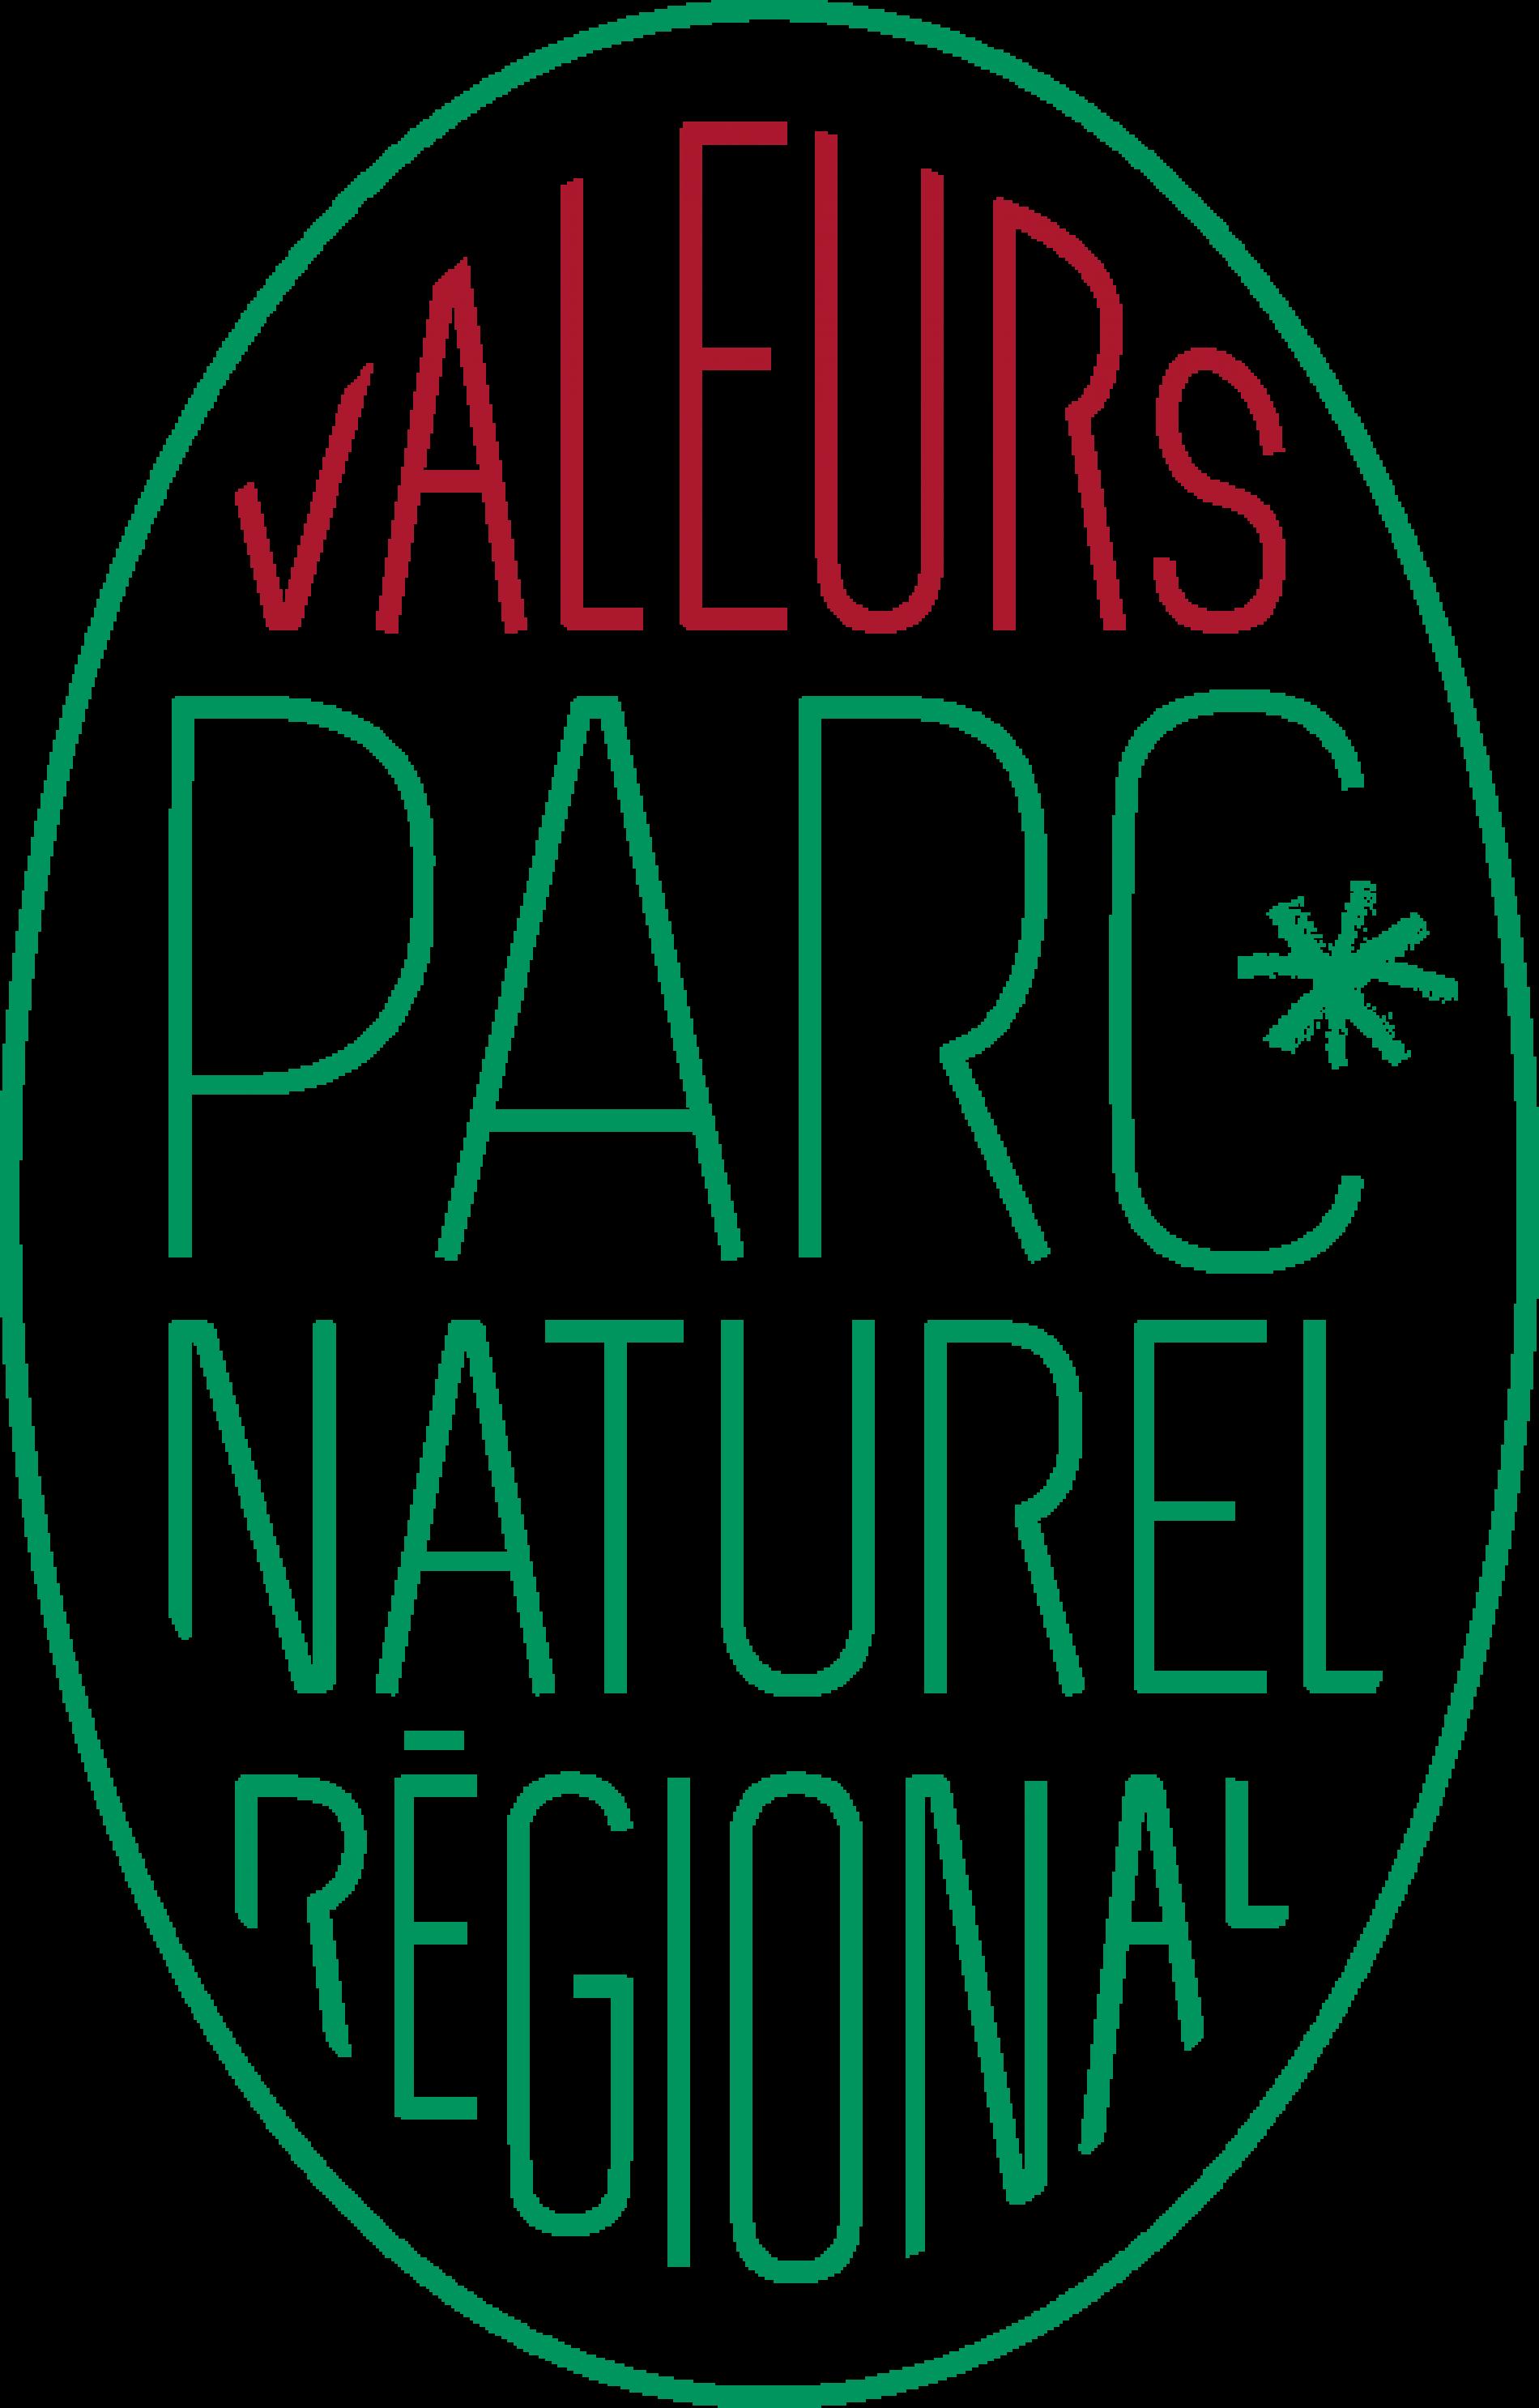 Valeurs Parc Naturel Régiona